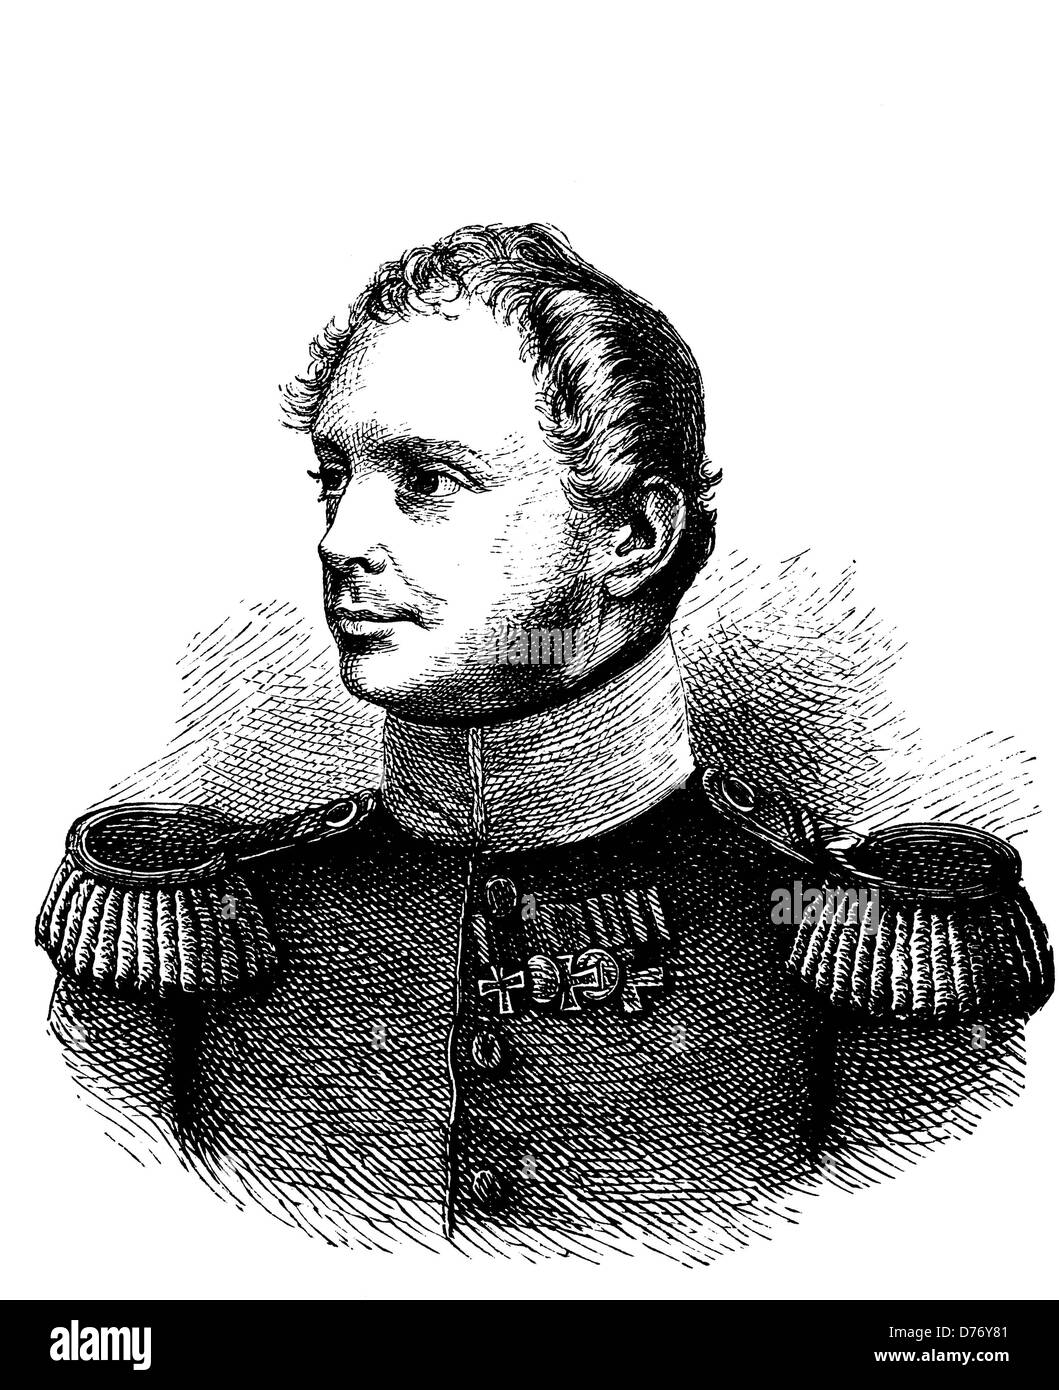 Friedrich Wilhelm IV, 1795-1861, König von Preußen - Stock Image